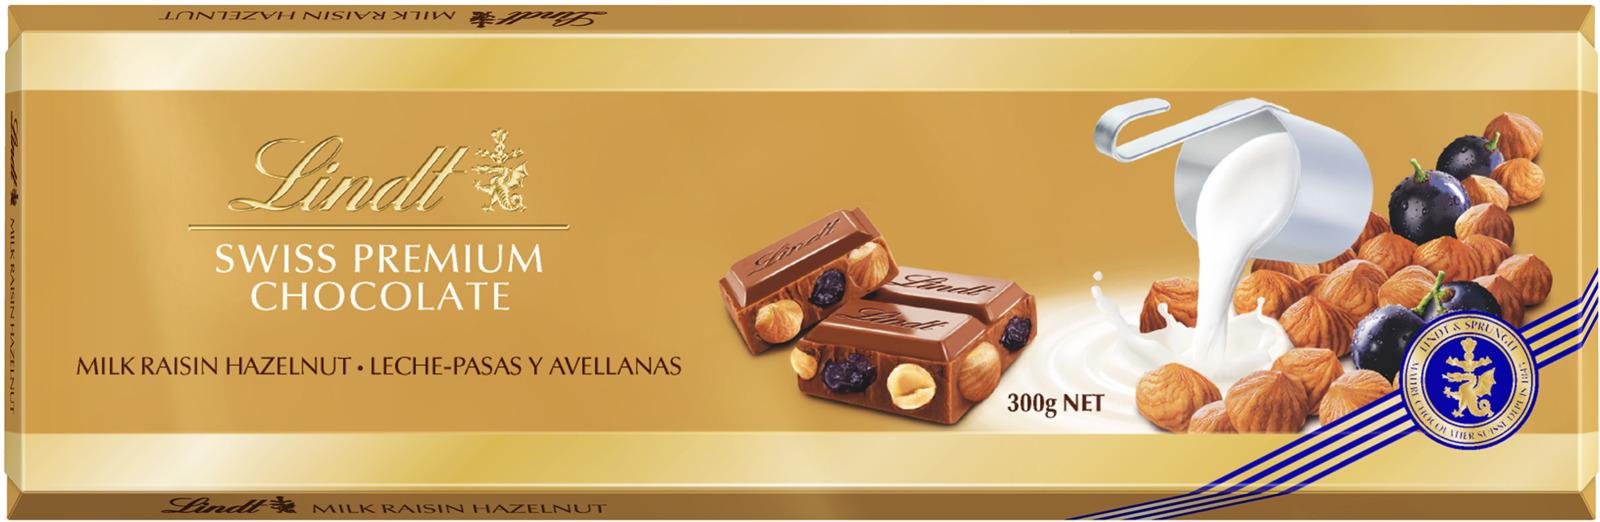 Lindt Gold молочный шоколад с изюмом и цельным фундуком, 300 г шоколад молочный lindt creation пралине с вафлей 150 г